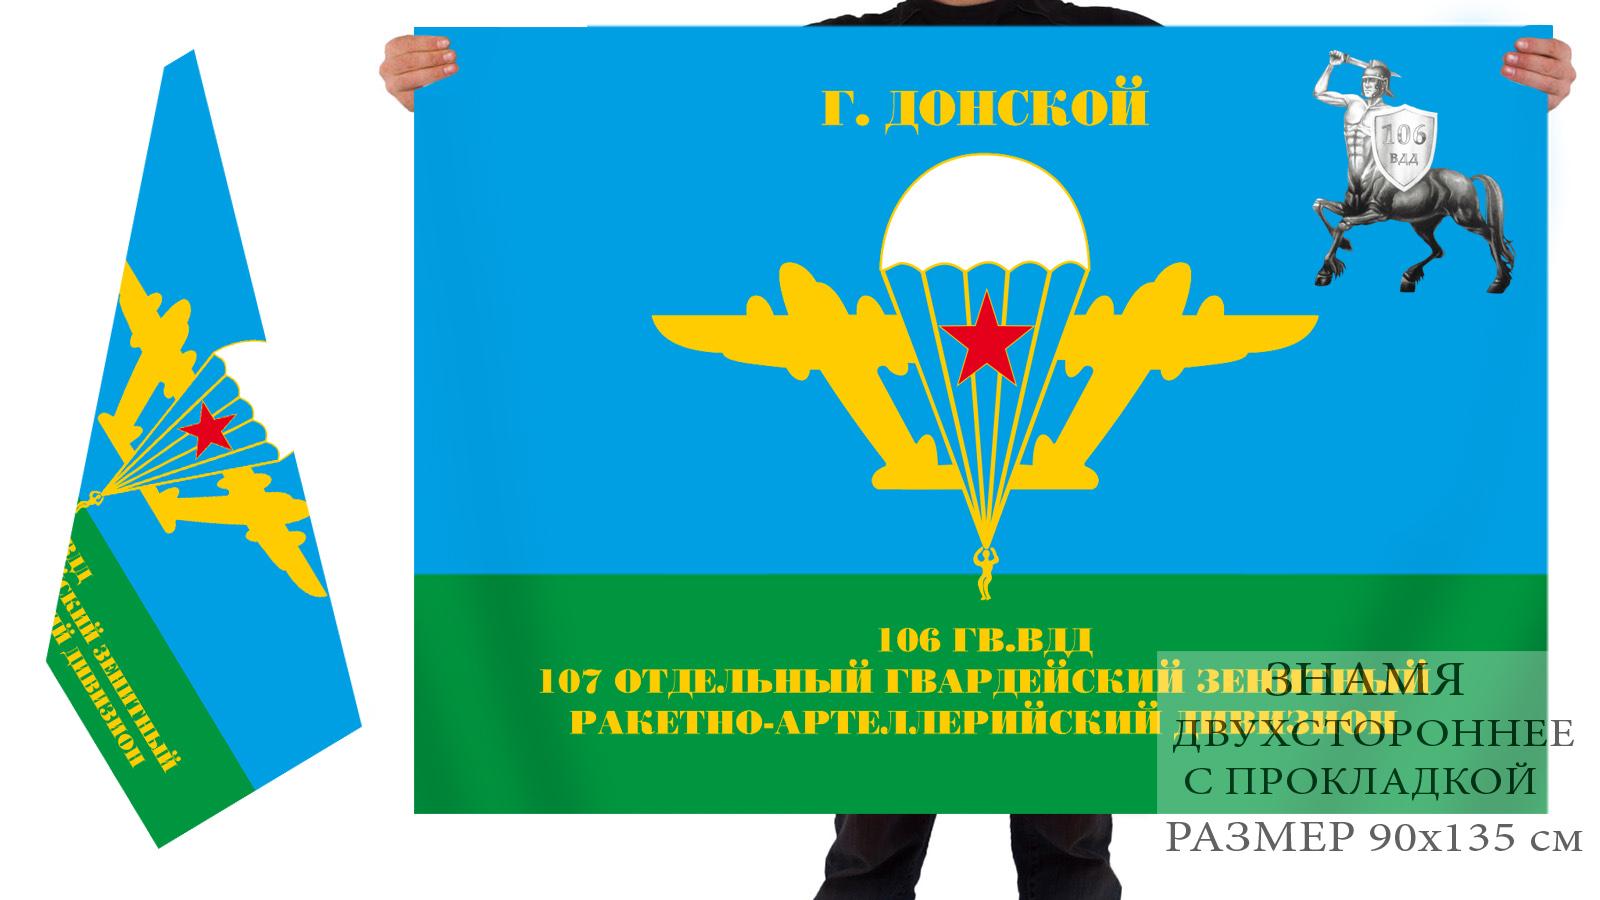 Флаг ВДВ 106 гвардейская воздушно-десантная дивизия г.Донской